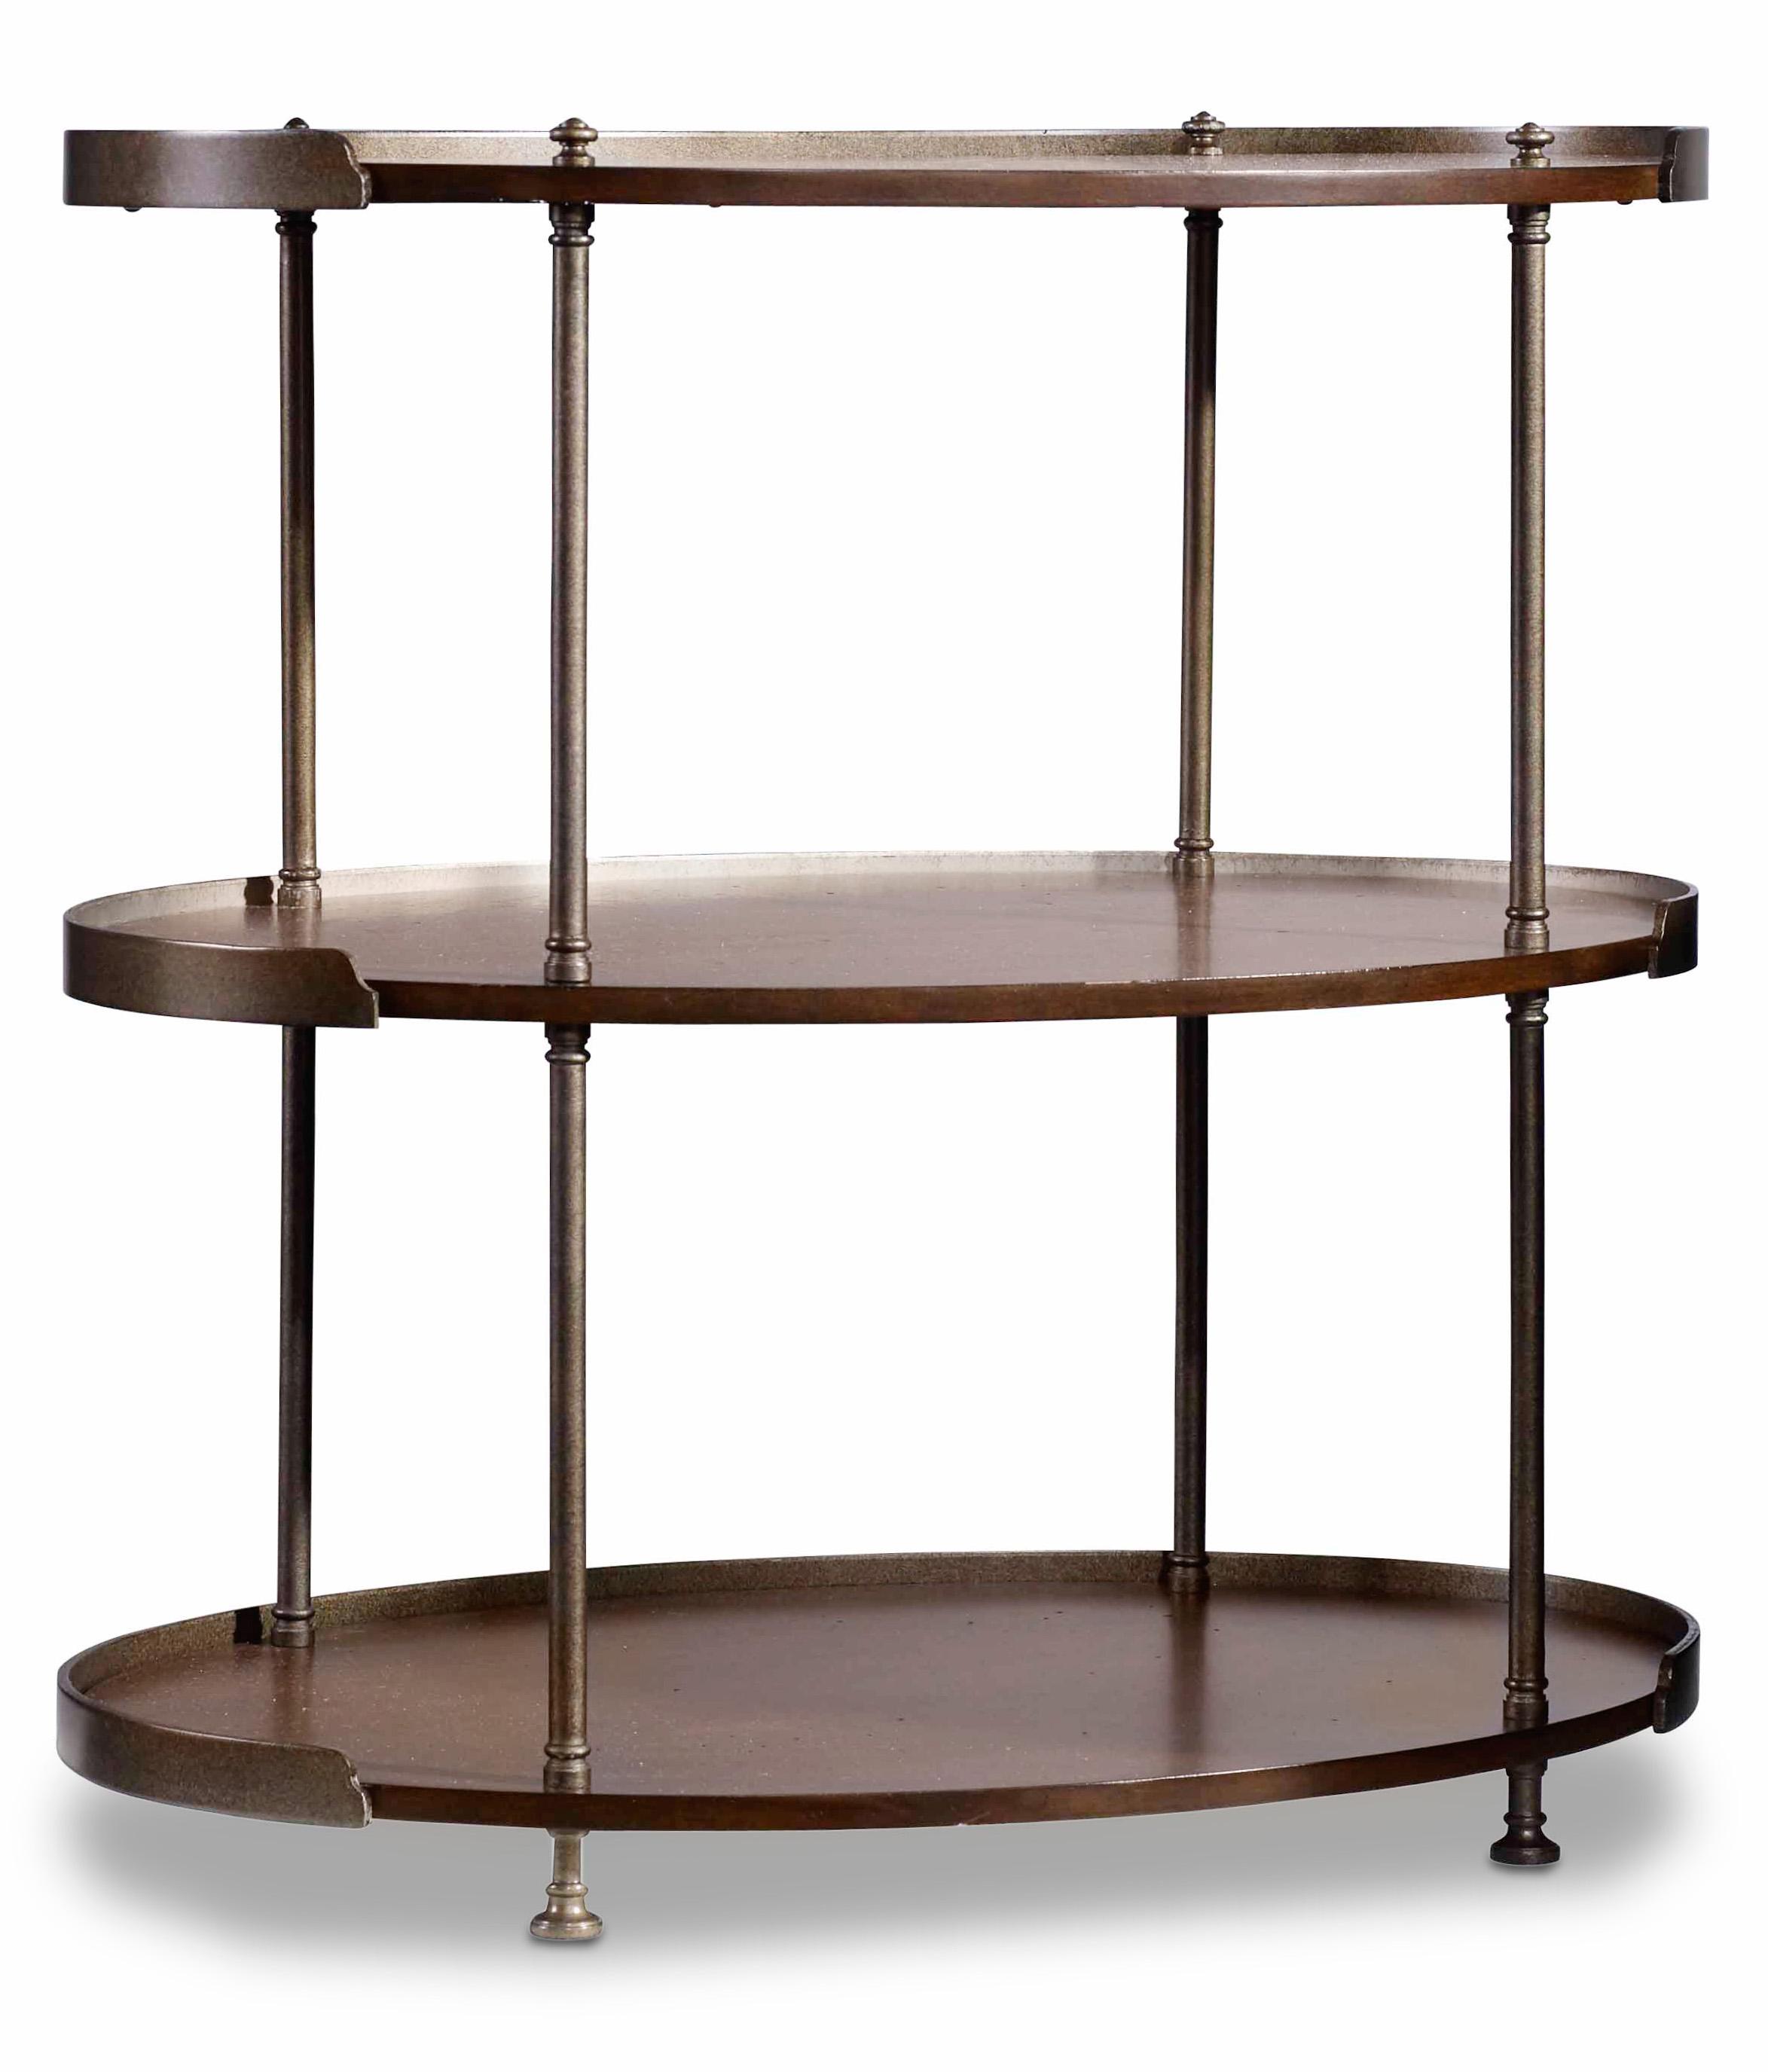 Hooker Furniture Leesburg Chairside Table - Item Number: 5381-50002